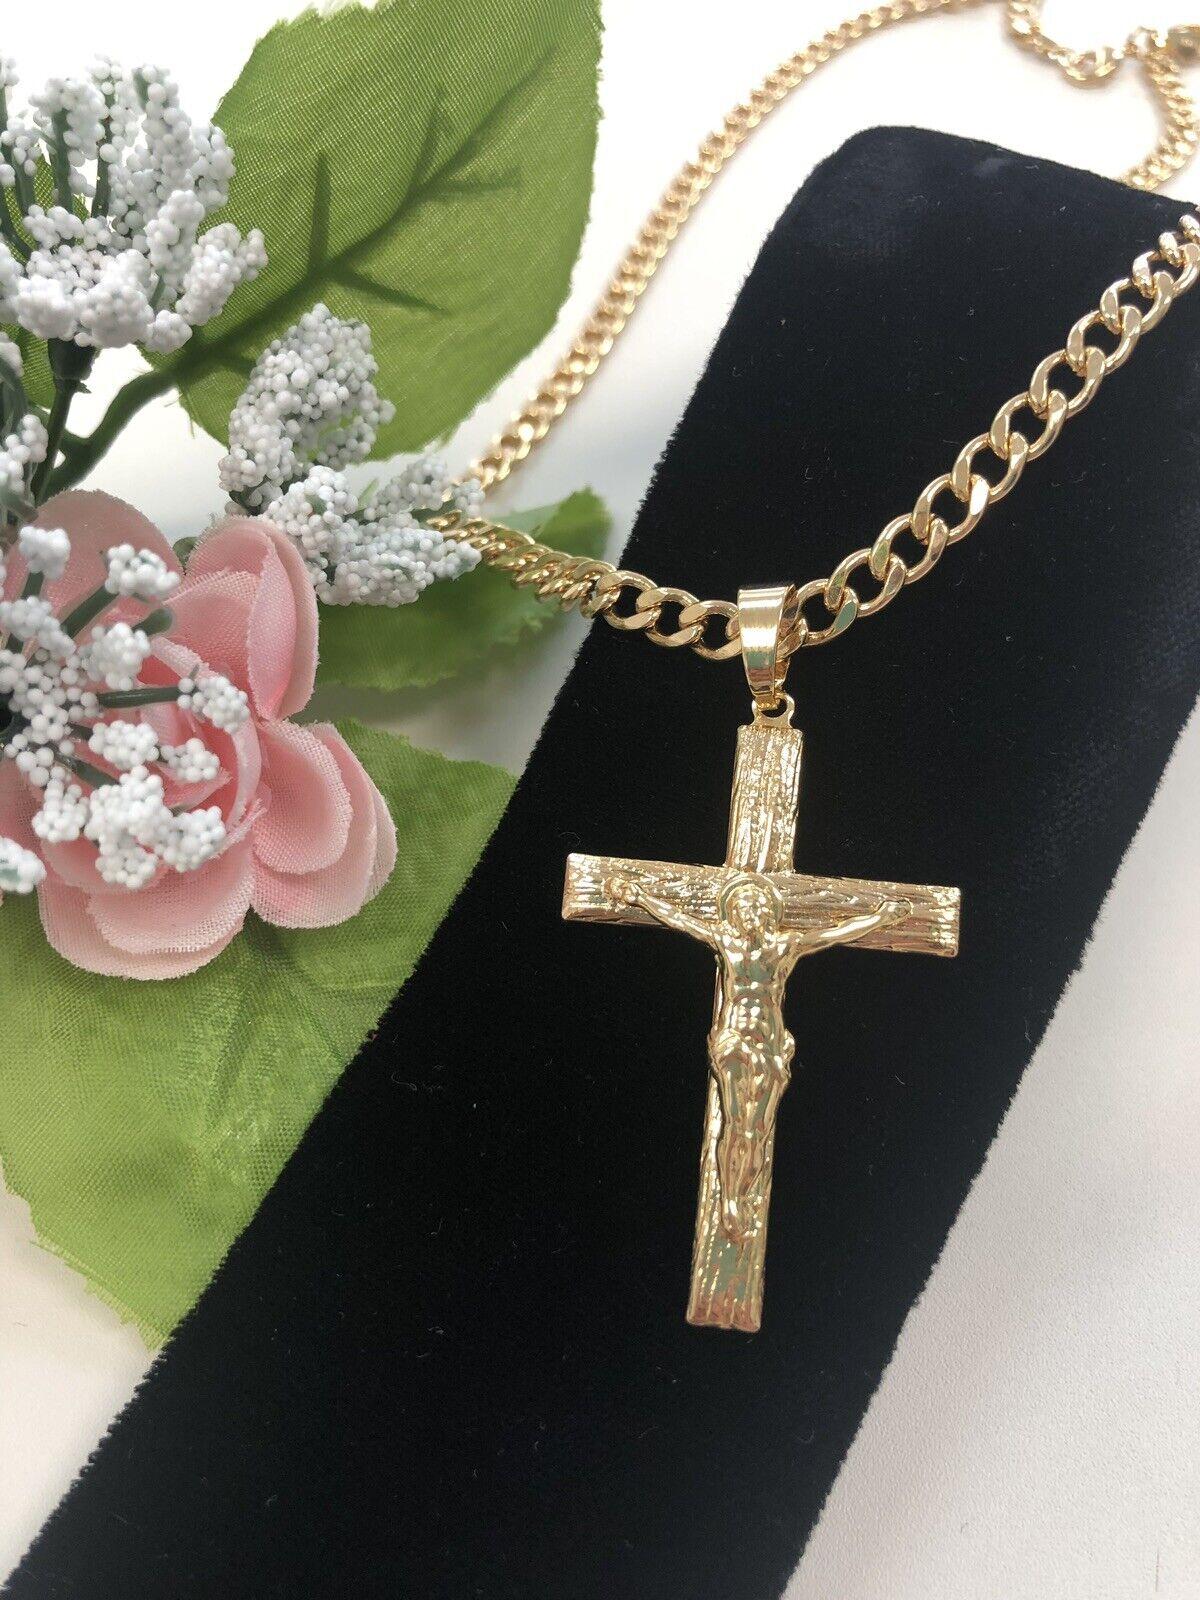 Cadena y Cruz de gold laminado, Hombre, 18k gold Plated Cross & Chain, Men`s Gift